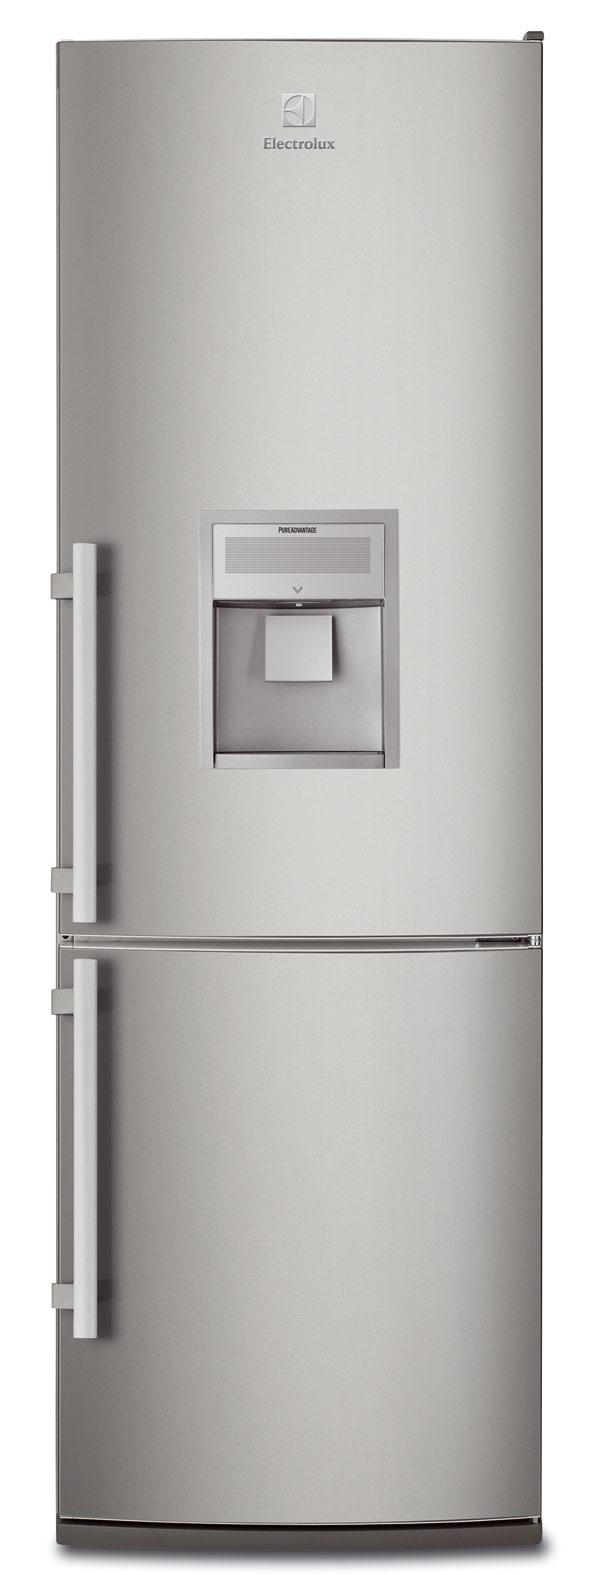 Kombinovaná chladnička smrazničkou Elektrolux EN3850DOX stechnológiou FreshFrostFree uchová potraviny vchladničke čerstvé vďaka správnej vlhkosti vo vnútri spotrebiča. Milovníkov čerstvej vody poteší aj zásobník sBrita filtrom priamo vo dvierkach spotrebiča. Antikorové vyhotovenie chladničky, ktoré chráni jej povrch proti odtlačkom prstov, adispej selektronickým ovládaním na dvierkach sú ďalšími prednosťami chladničky venergetickej triede A+.  Cena 869 €.